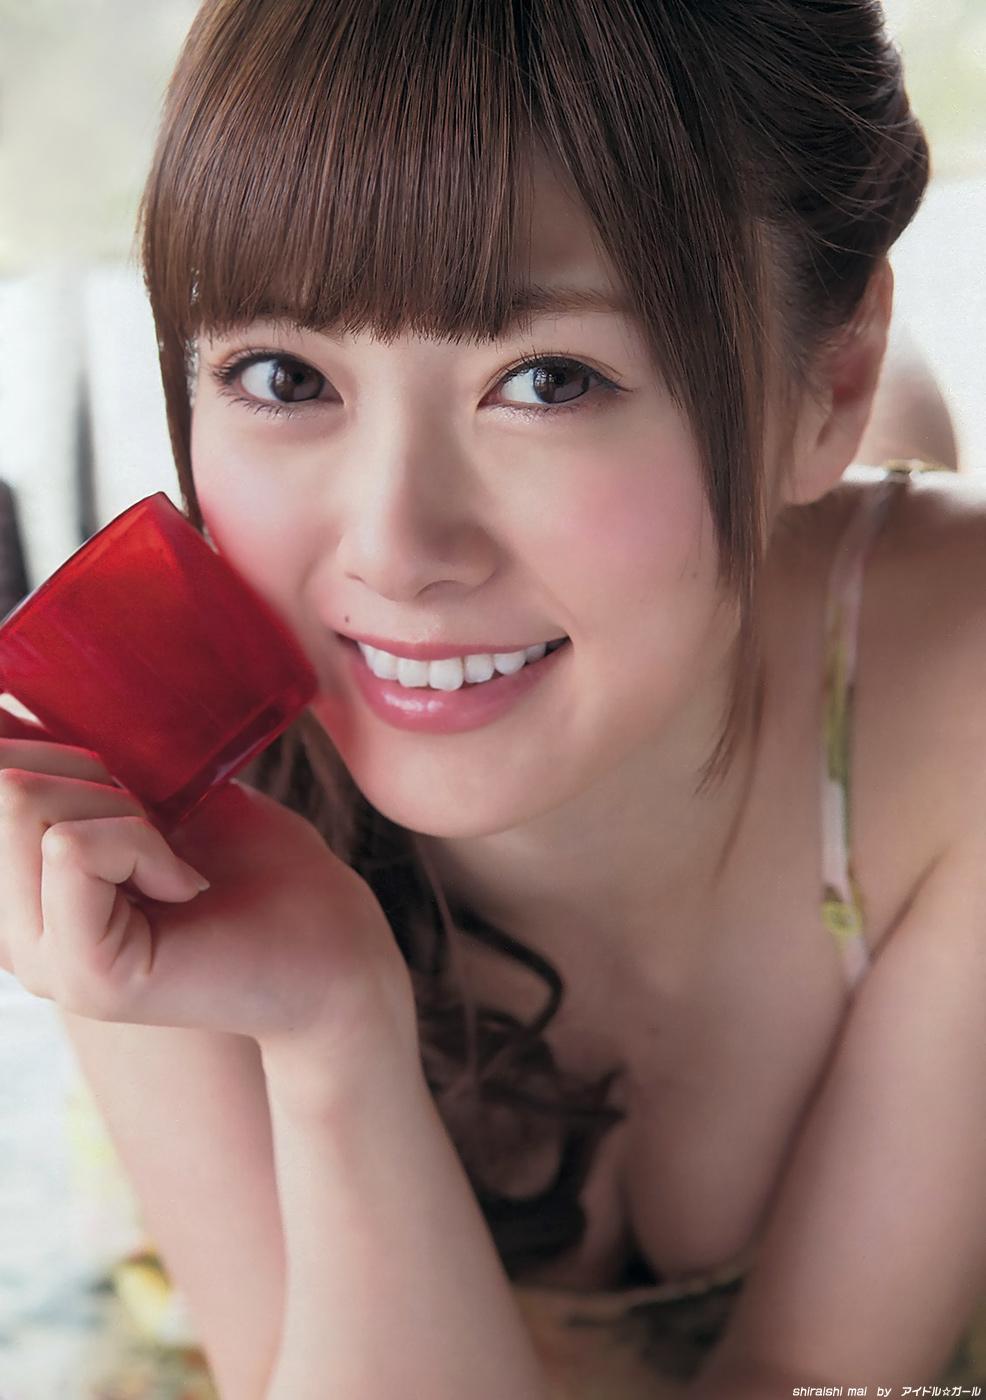 image http://scanlover.com/assets/images/47-2VJnXCO7hUb8HdYD.jpeg